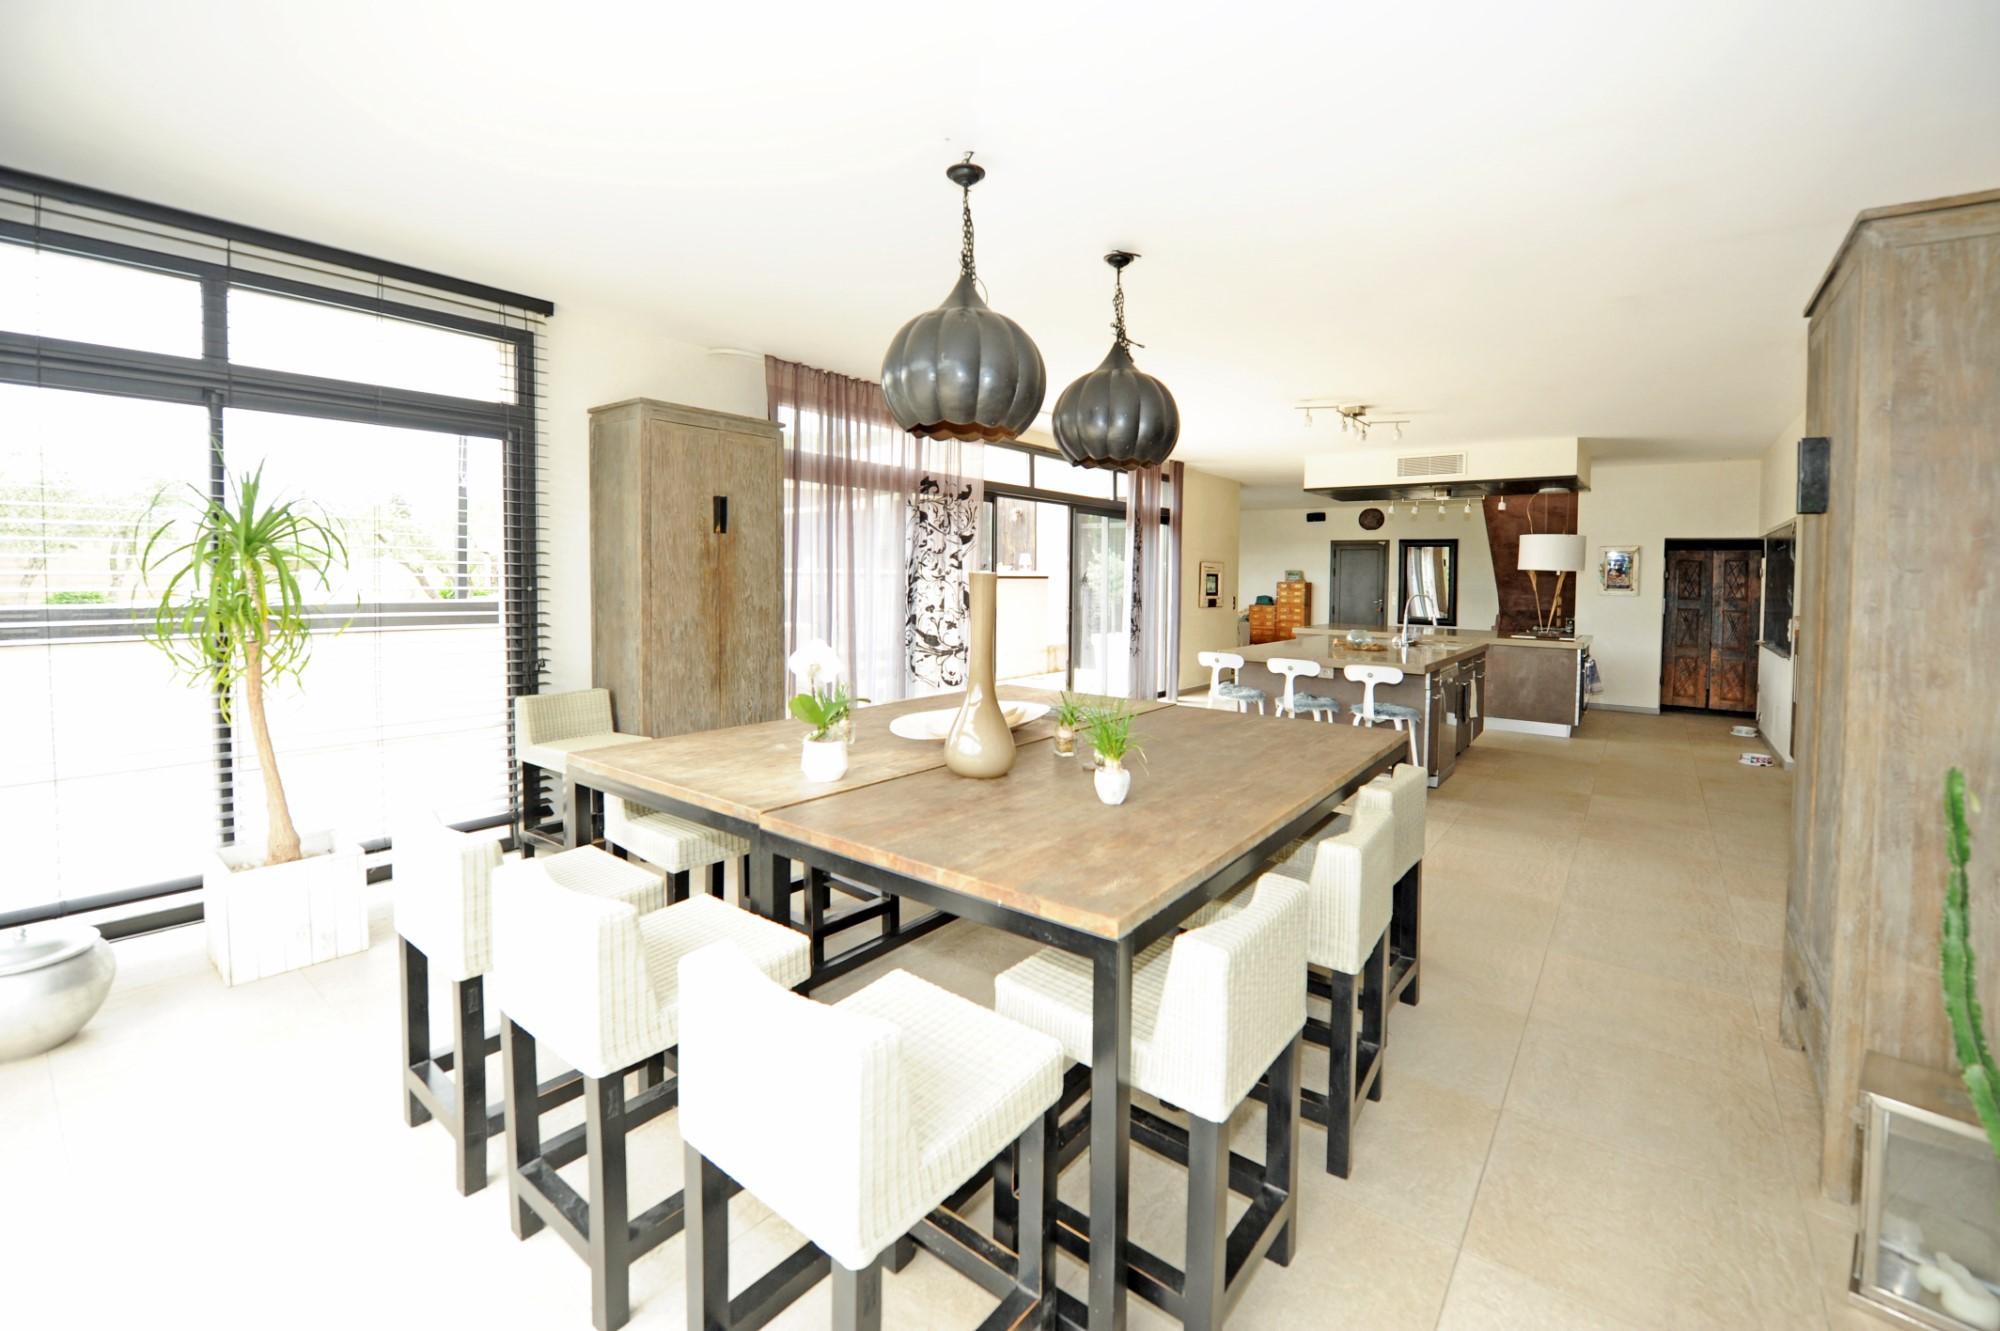 ventes a vendre st r my de provence maison d 39 architecte avec piscine jacuzzi et half court. Black Bedroom Furniture Sets. Home Design Ideas